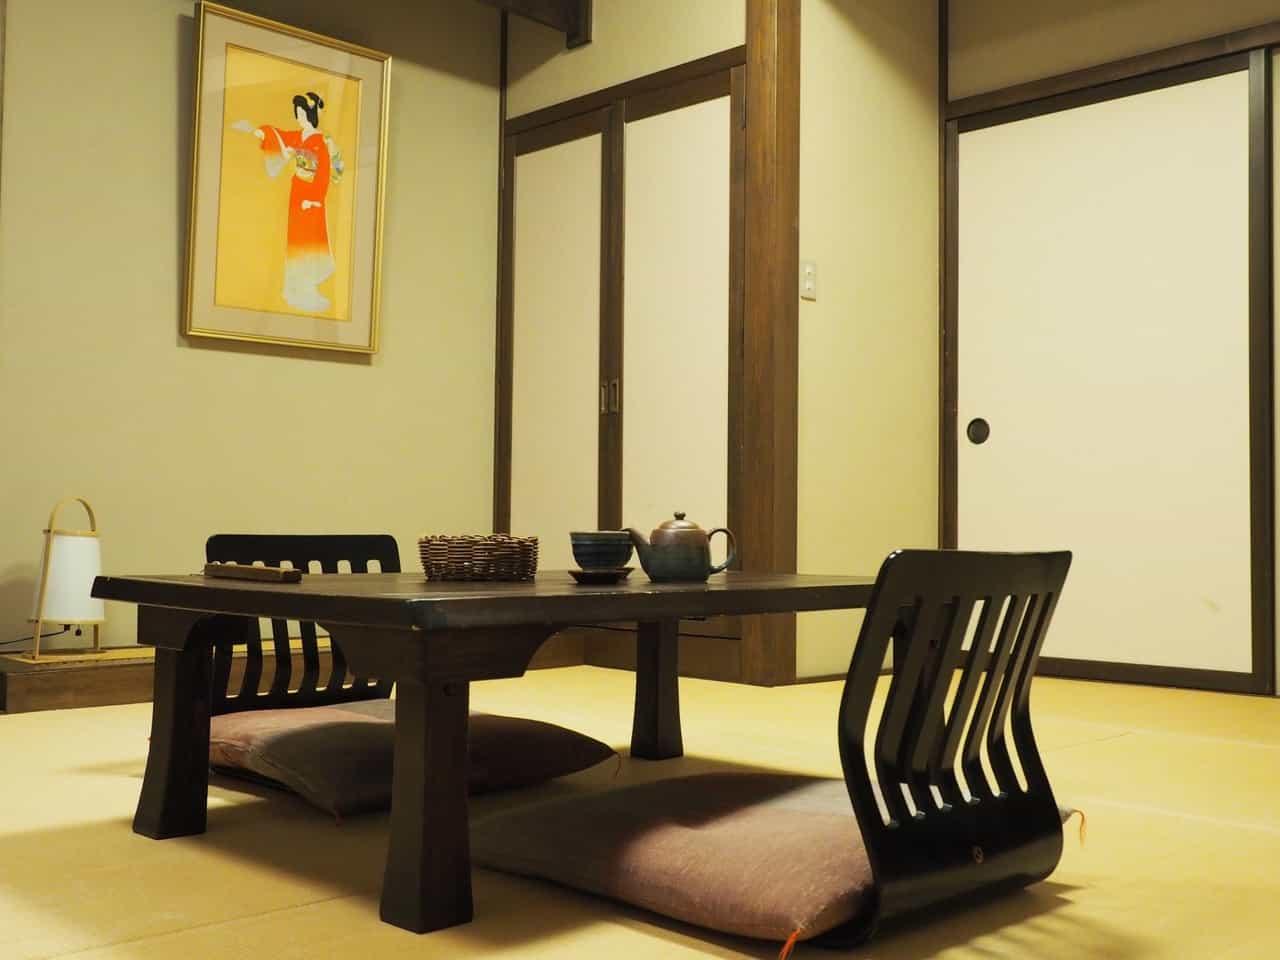 L'authenticité d'un <em></noscript>ryokan</em> traditionnel de Oyasukyo Onsen